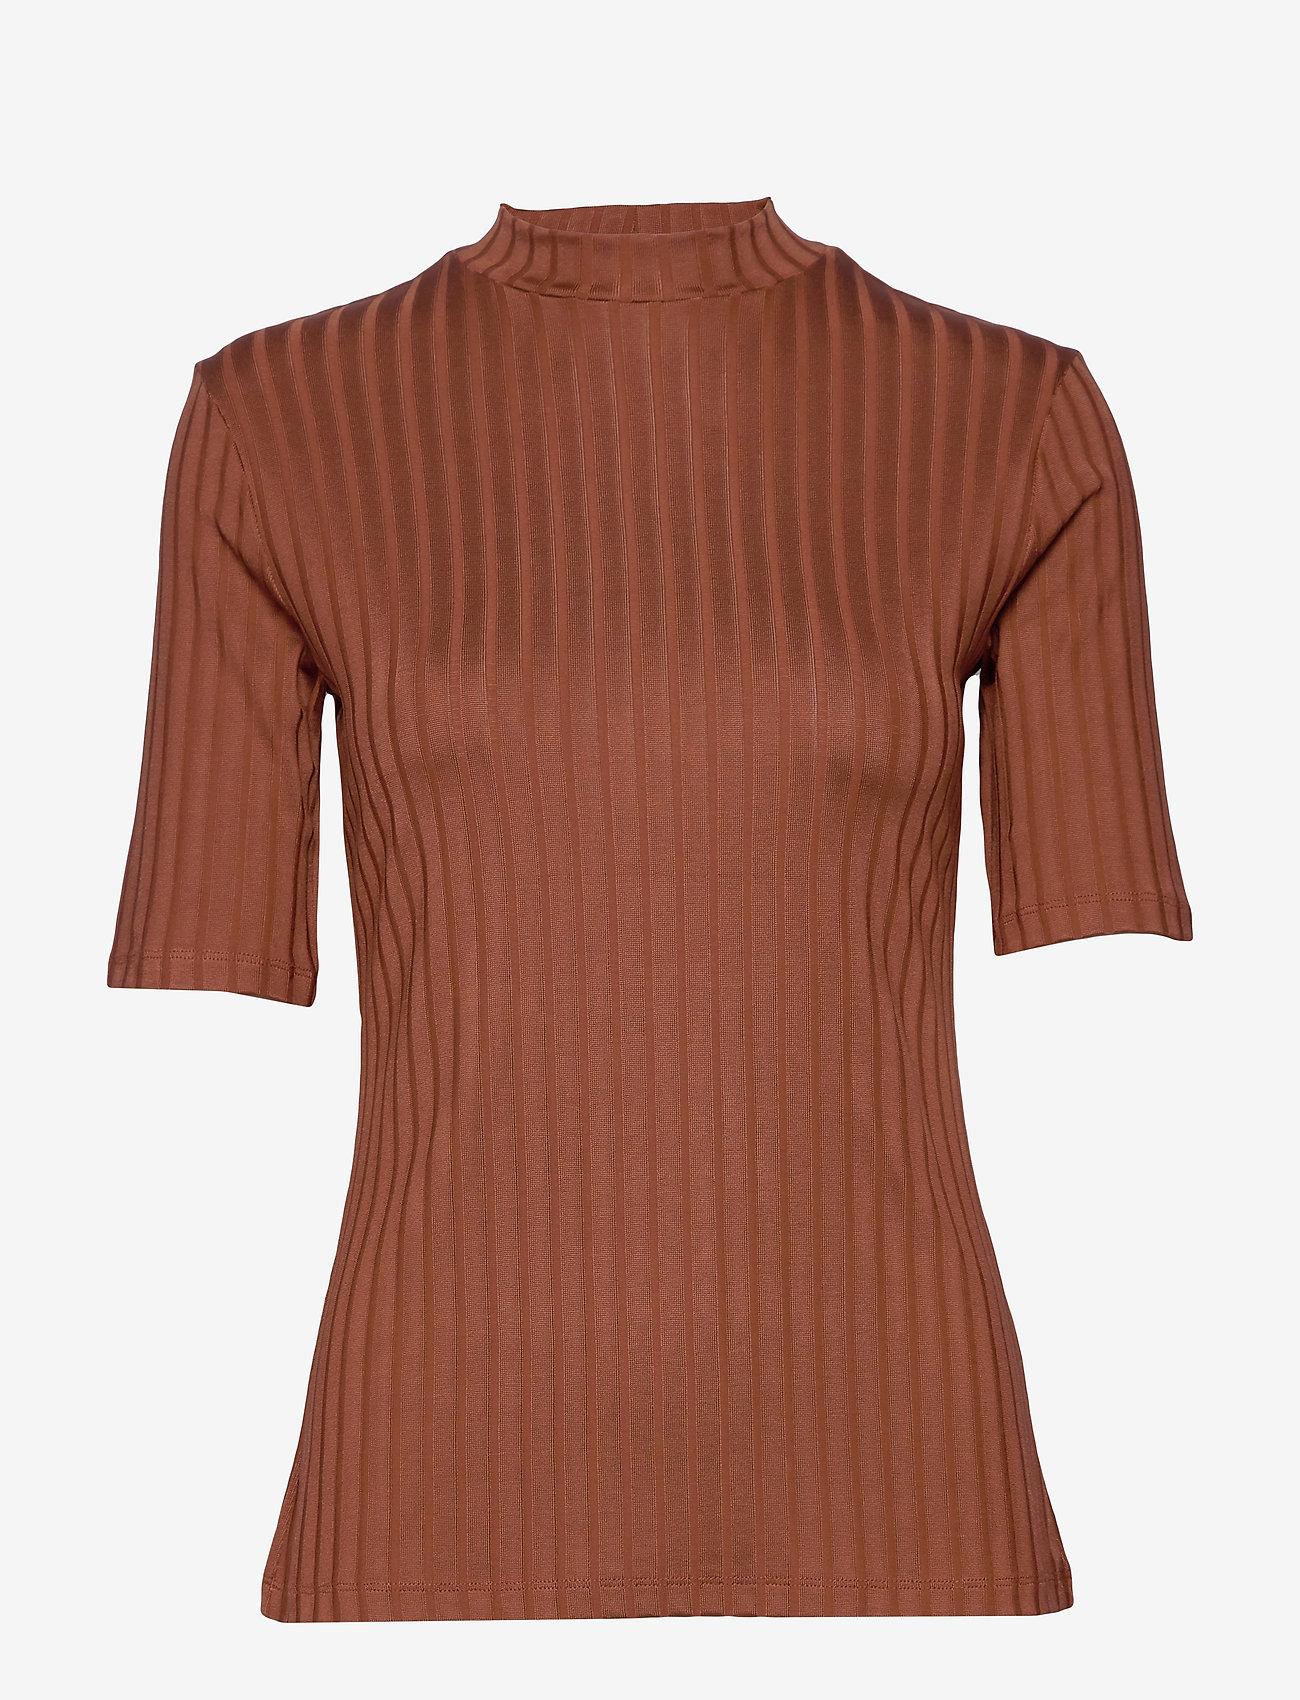 Residus Moss Rib Top - T-shirts & Toppar Cinnamon